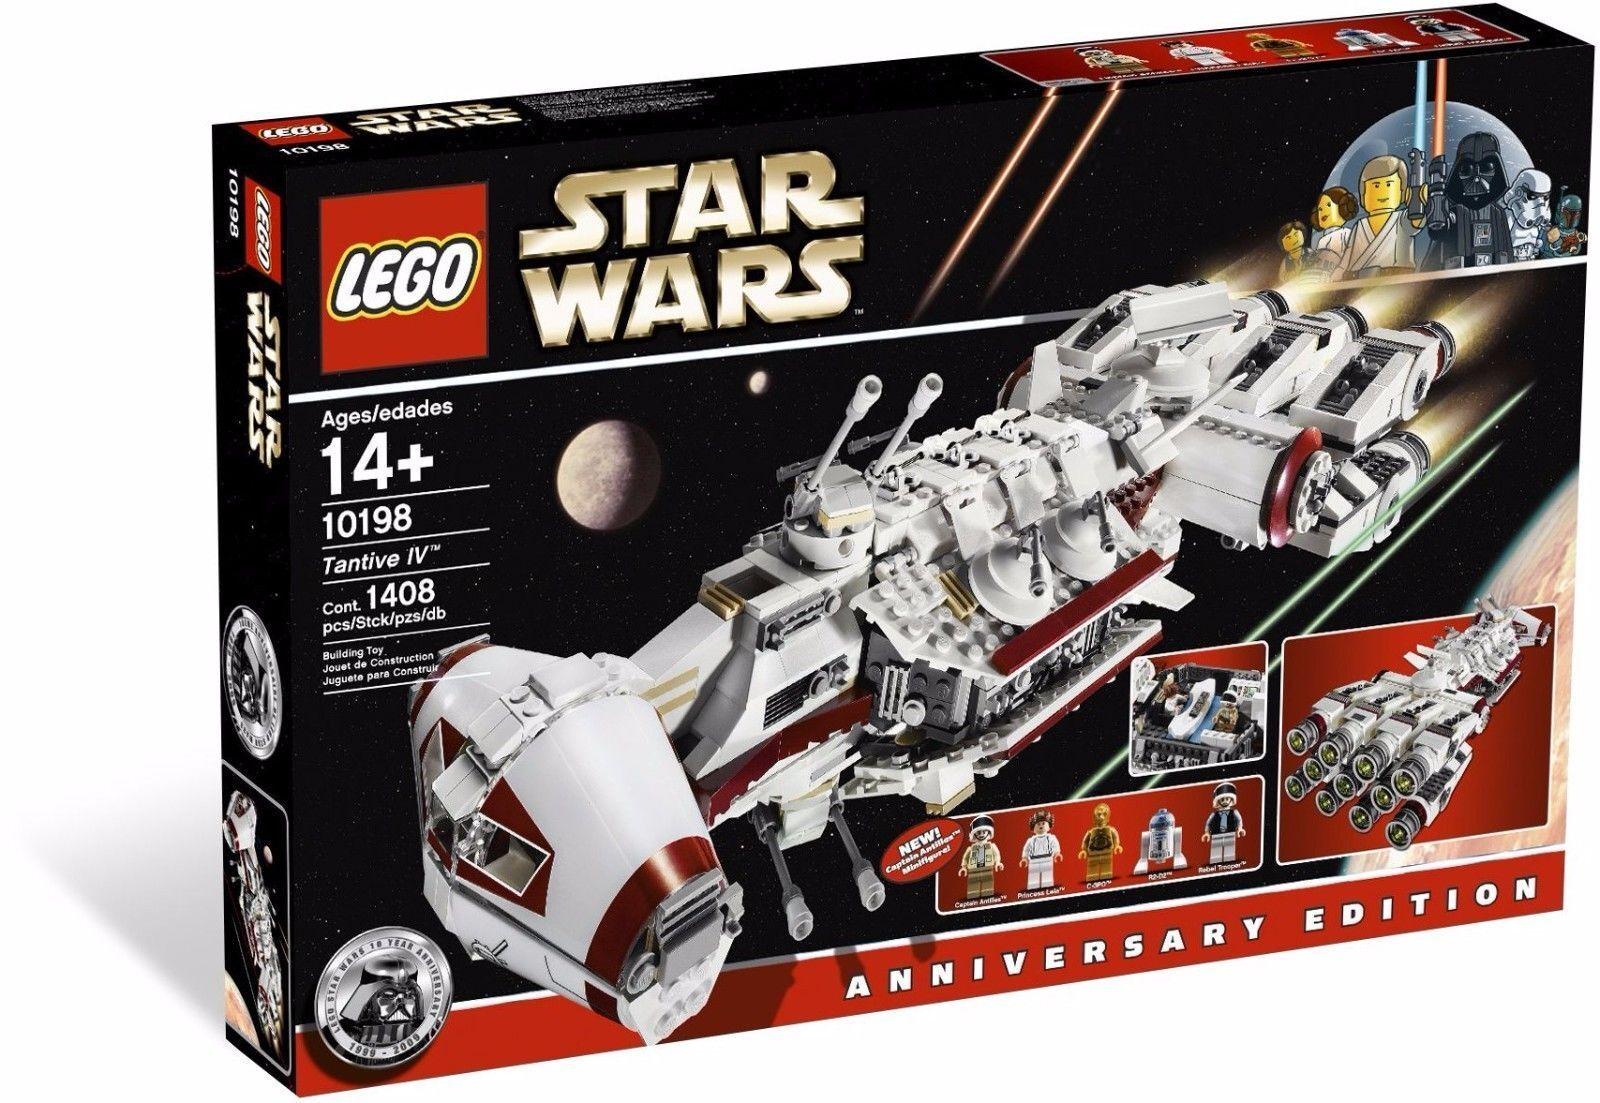 Lego 10198 Estrella Wars Tantive IV Edición de aniversario 4 Raro en Caja Sellada